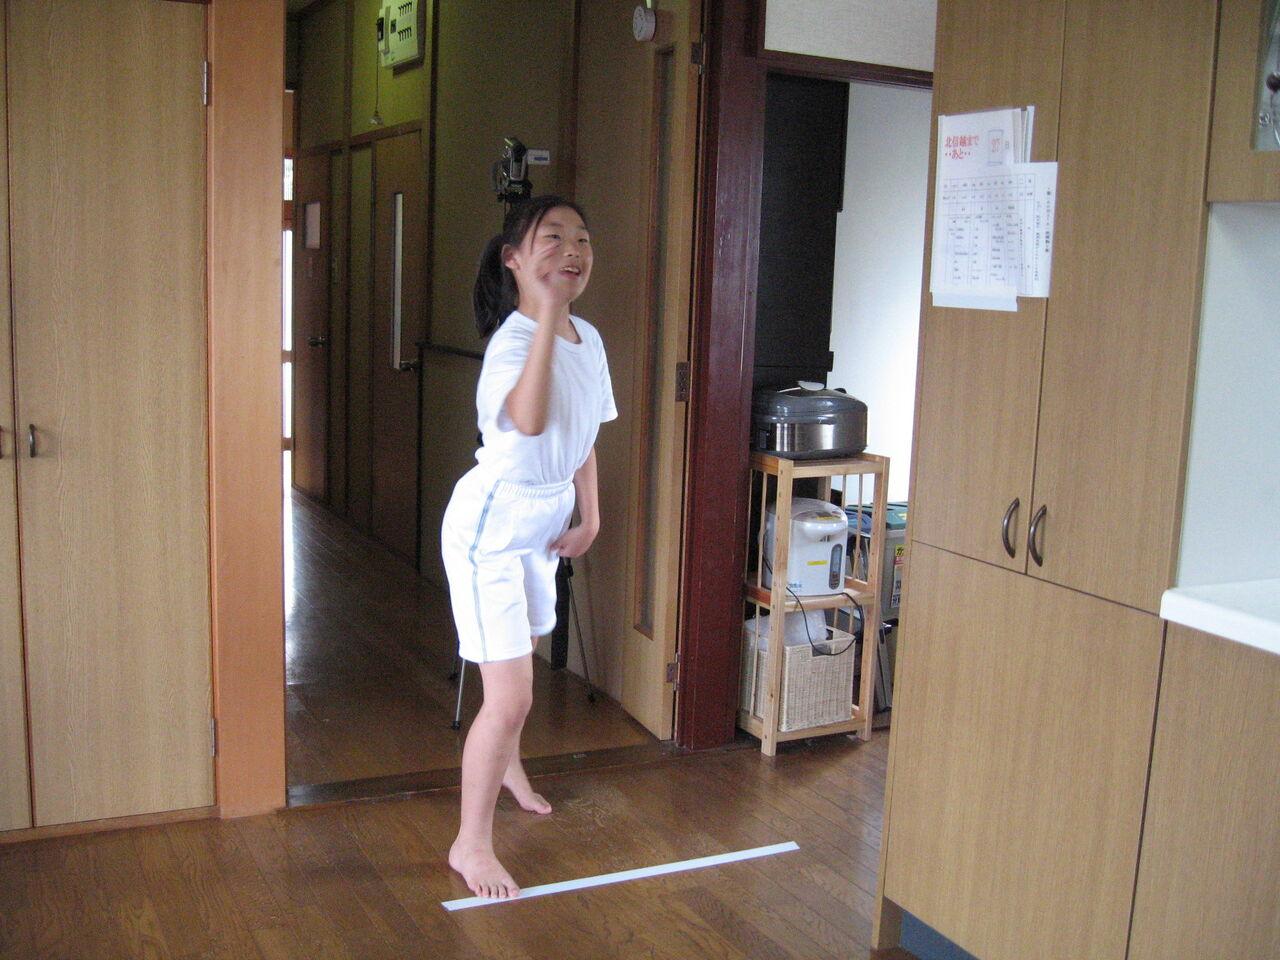 https://livedoor.blogimg.jp/ikouyou_1204/imgs/8/e/8e819109.jpg